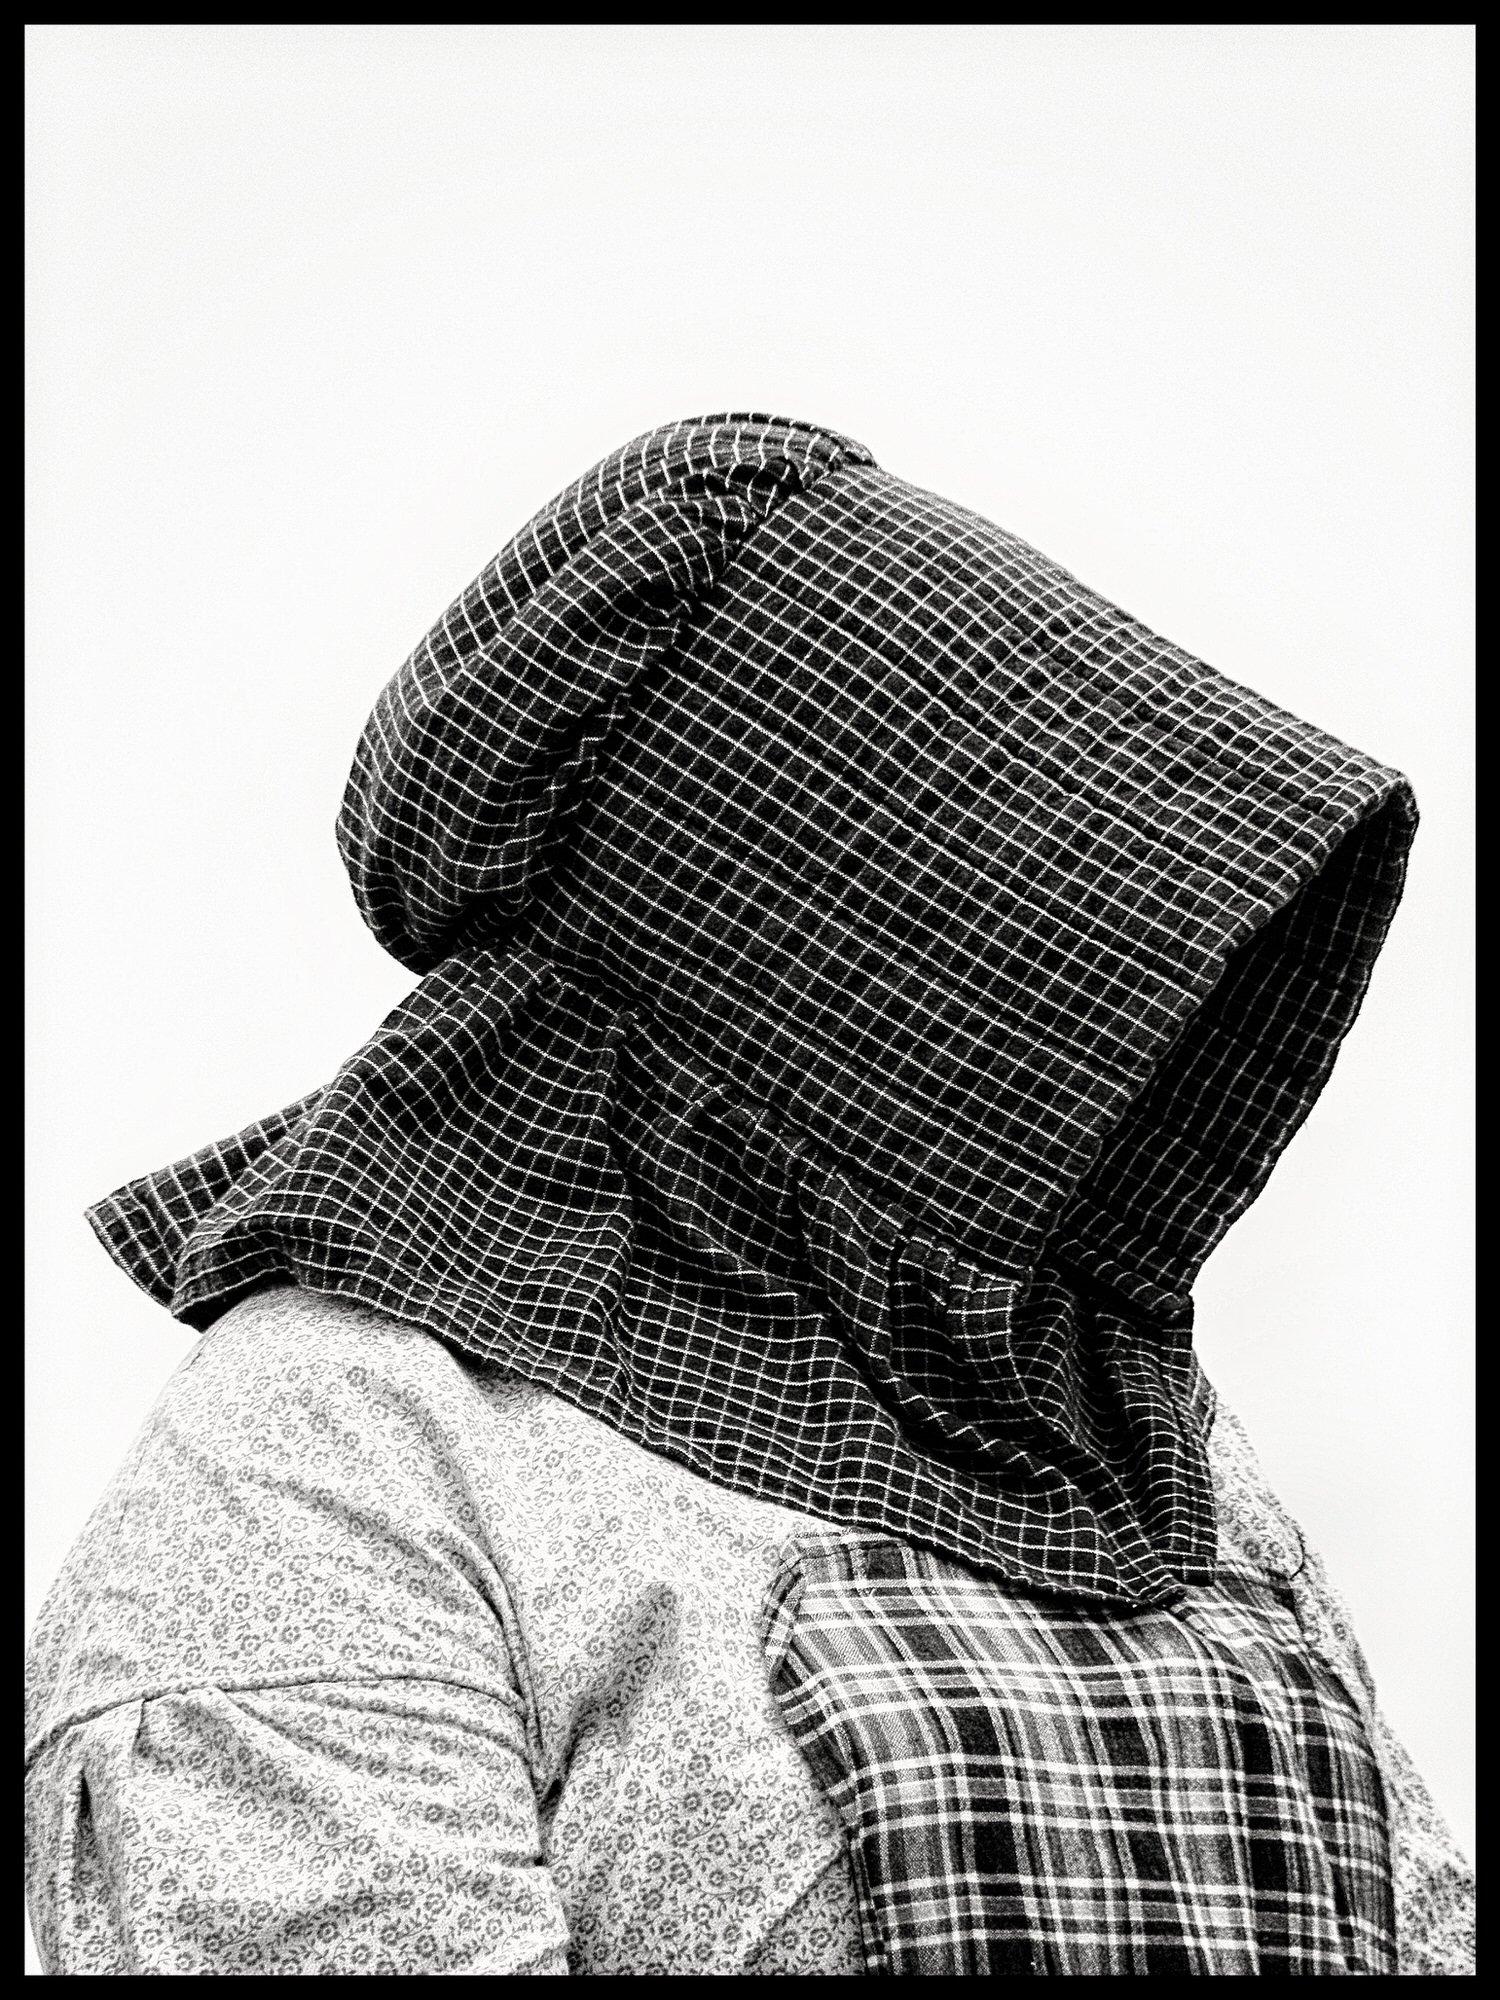 史蒂夫·莱瑟(Steve Lease)的黑白摄影